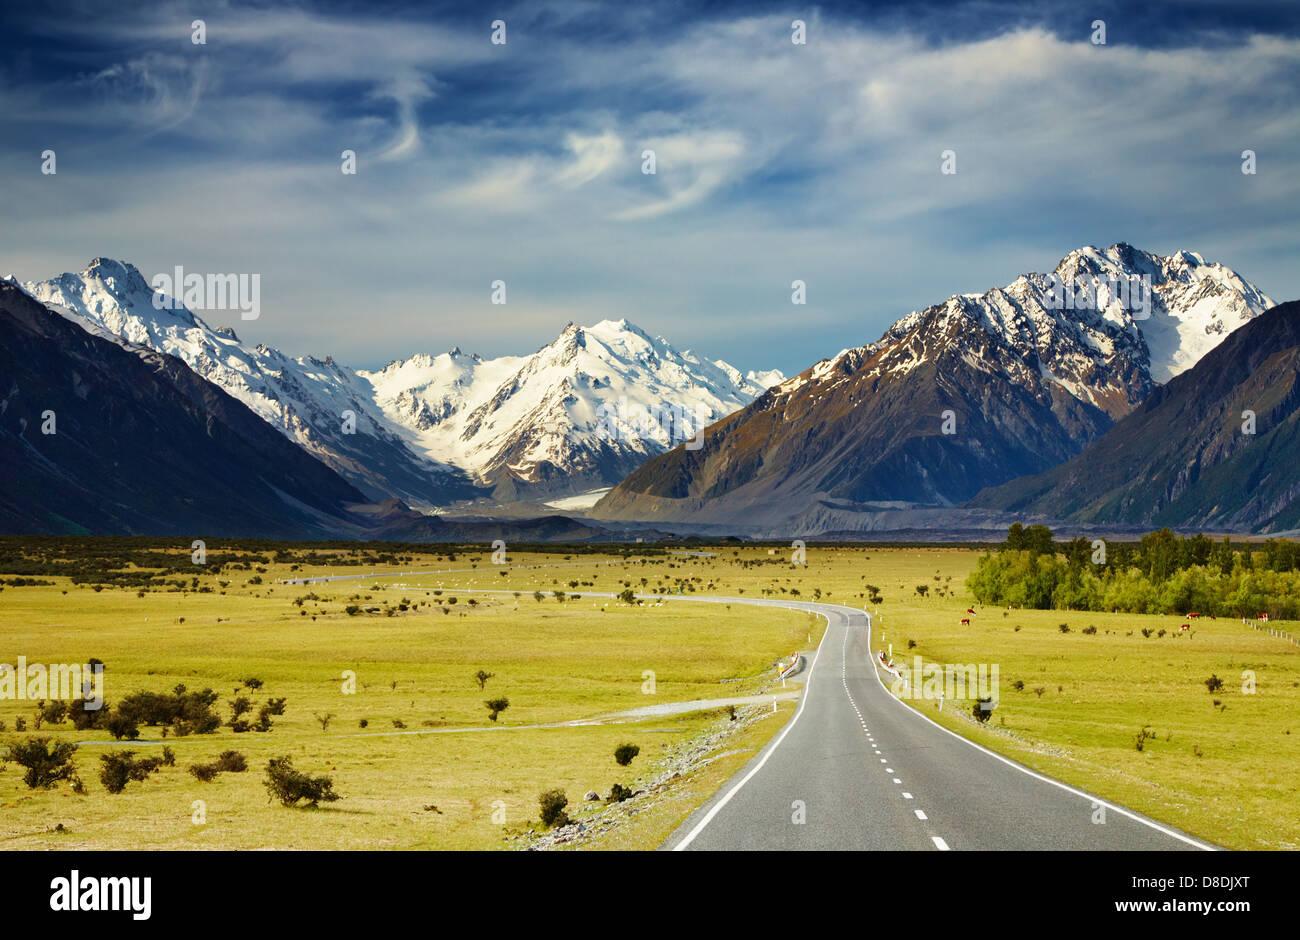 Paesaggio con strada e montagne innevate, Alpi del Sud, Nuova Zelanda Immagini Stock